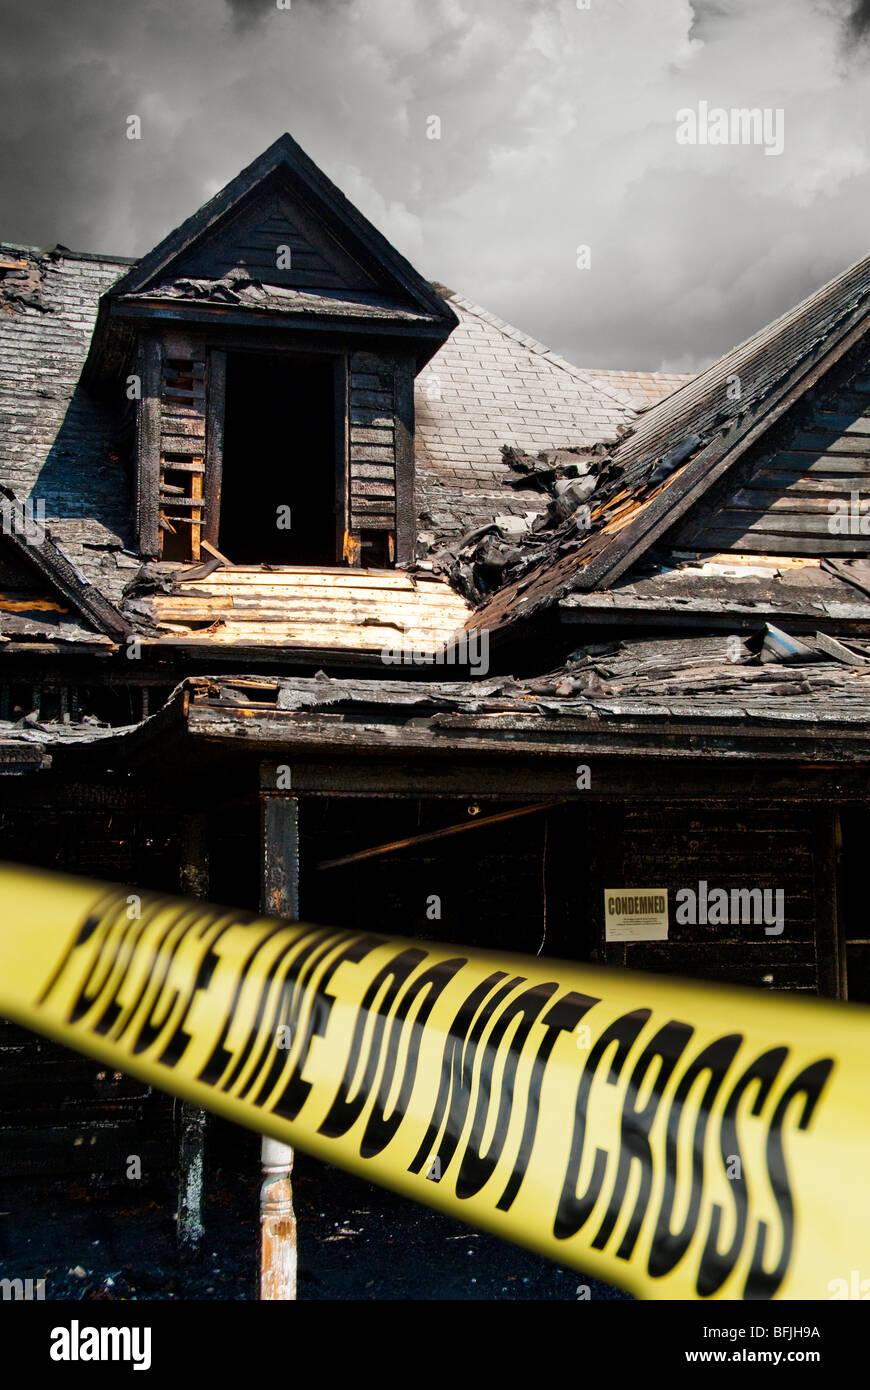 Cinta para barrera policial delante del fuego casa dañada en Carolina del Norte, EE.UU. Imagen De Stock